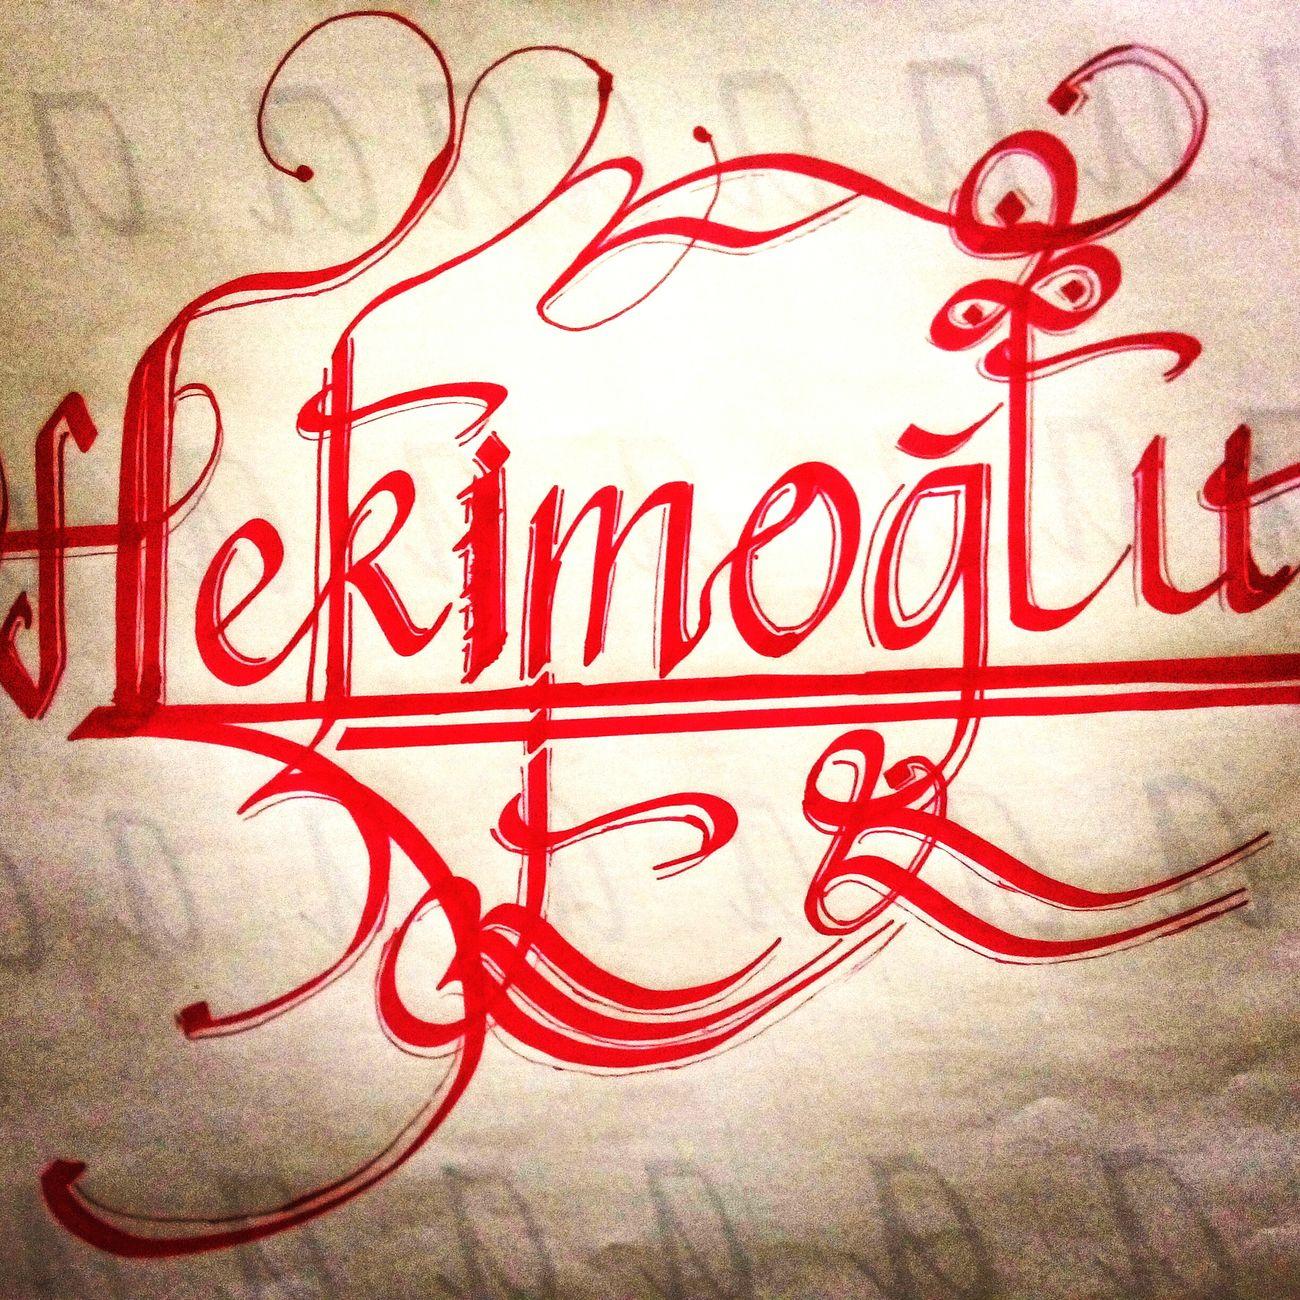 Caligraphy Calligraphy Kaligrafi Hat Hekimoglu Güzelyazı Istanbul Turkiye